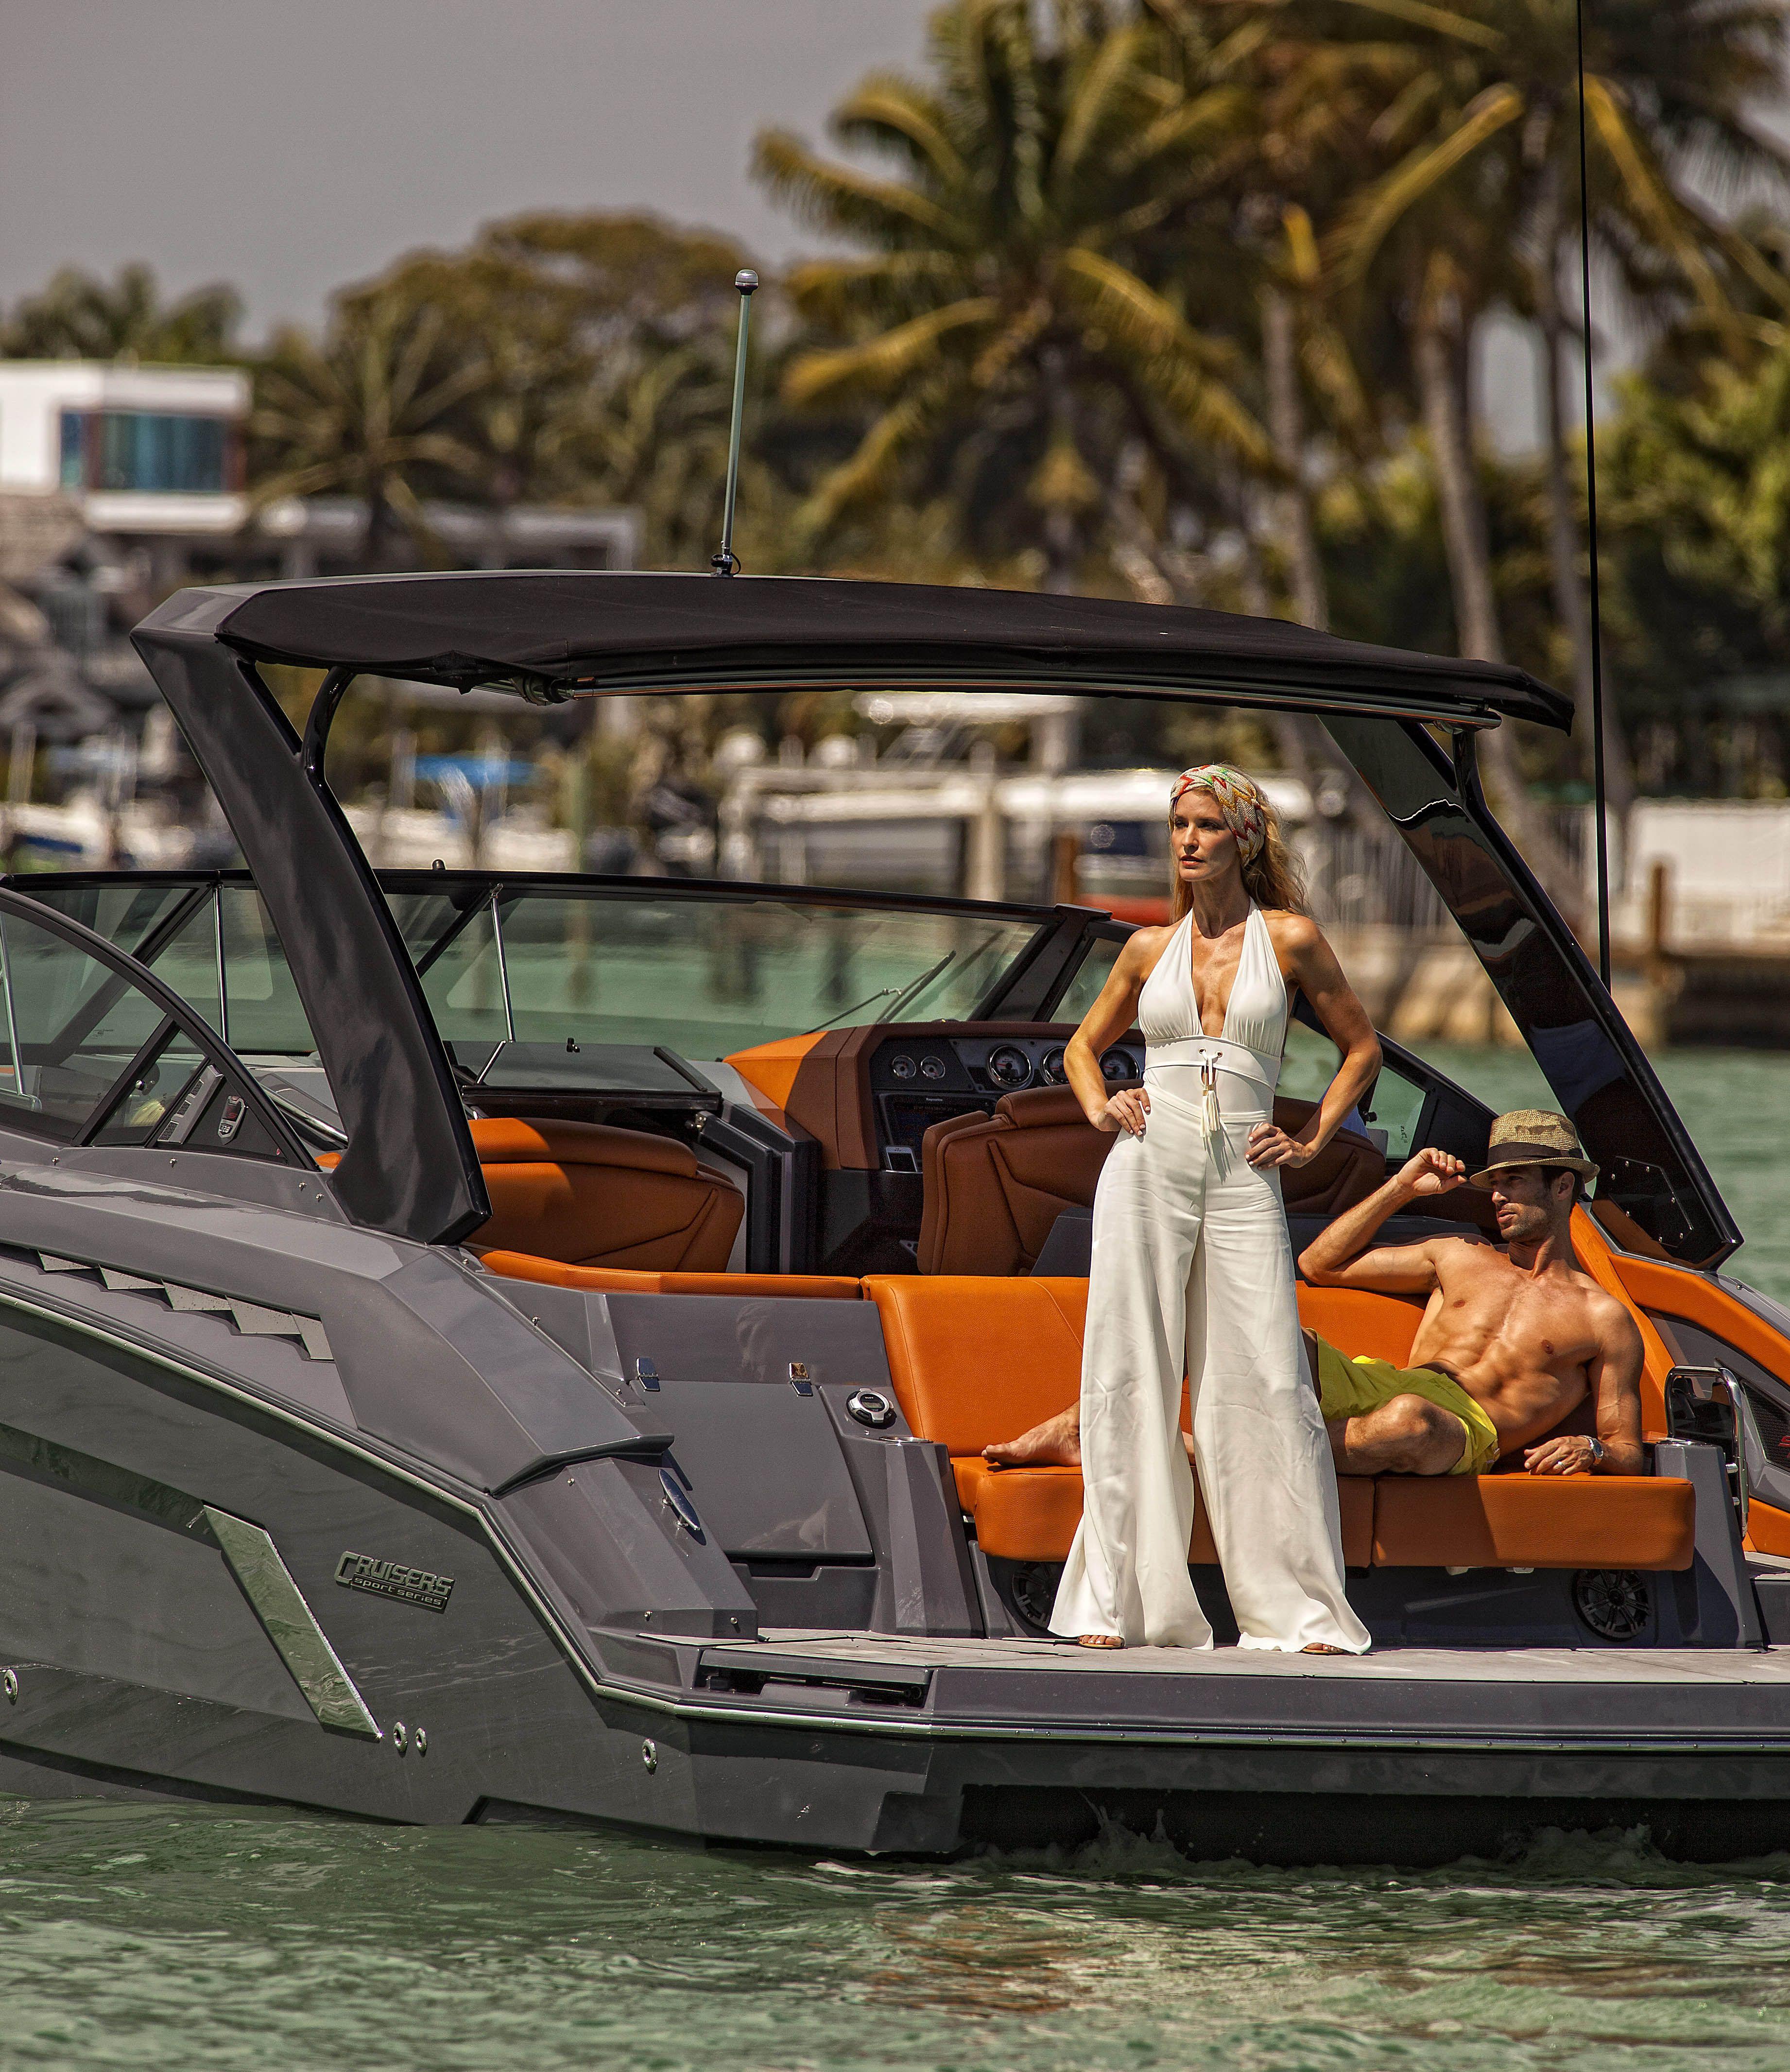 Cruisers 328 Bowrider South Beach Edition In South Beach Miami